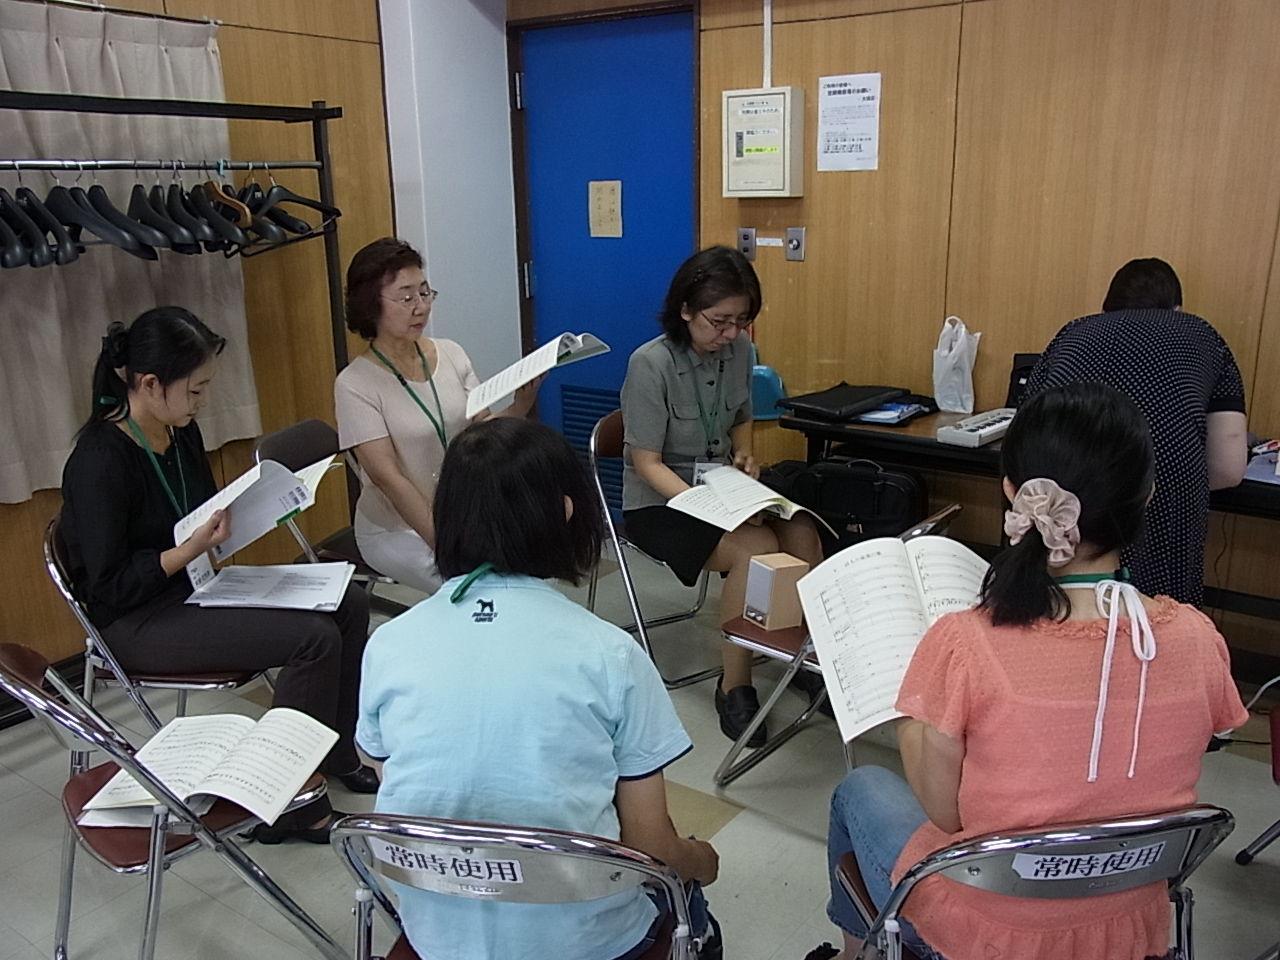 2011年08月28日練習-02「一詩人の最後の歌」